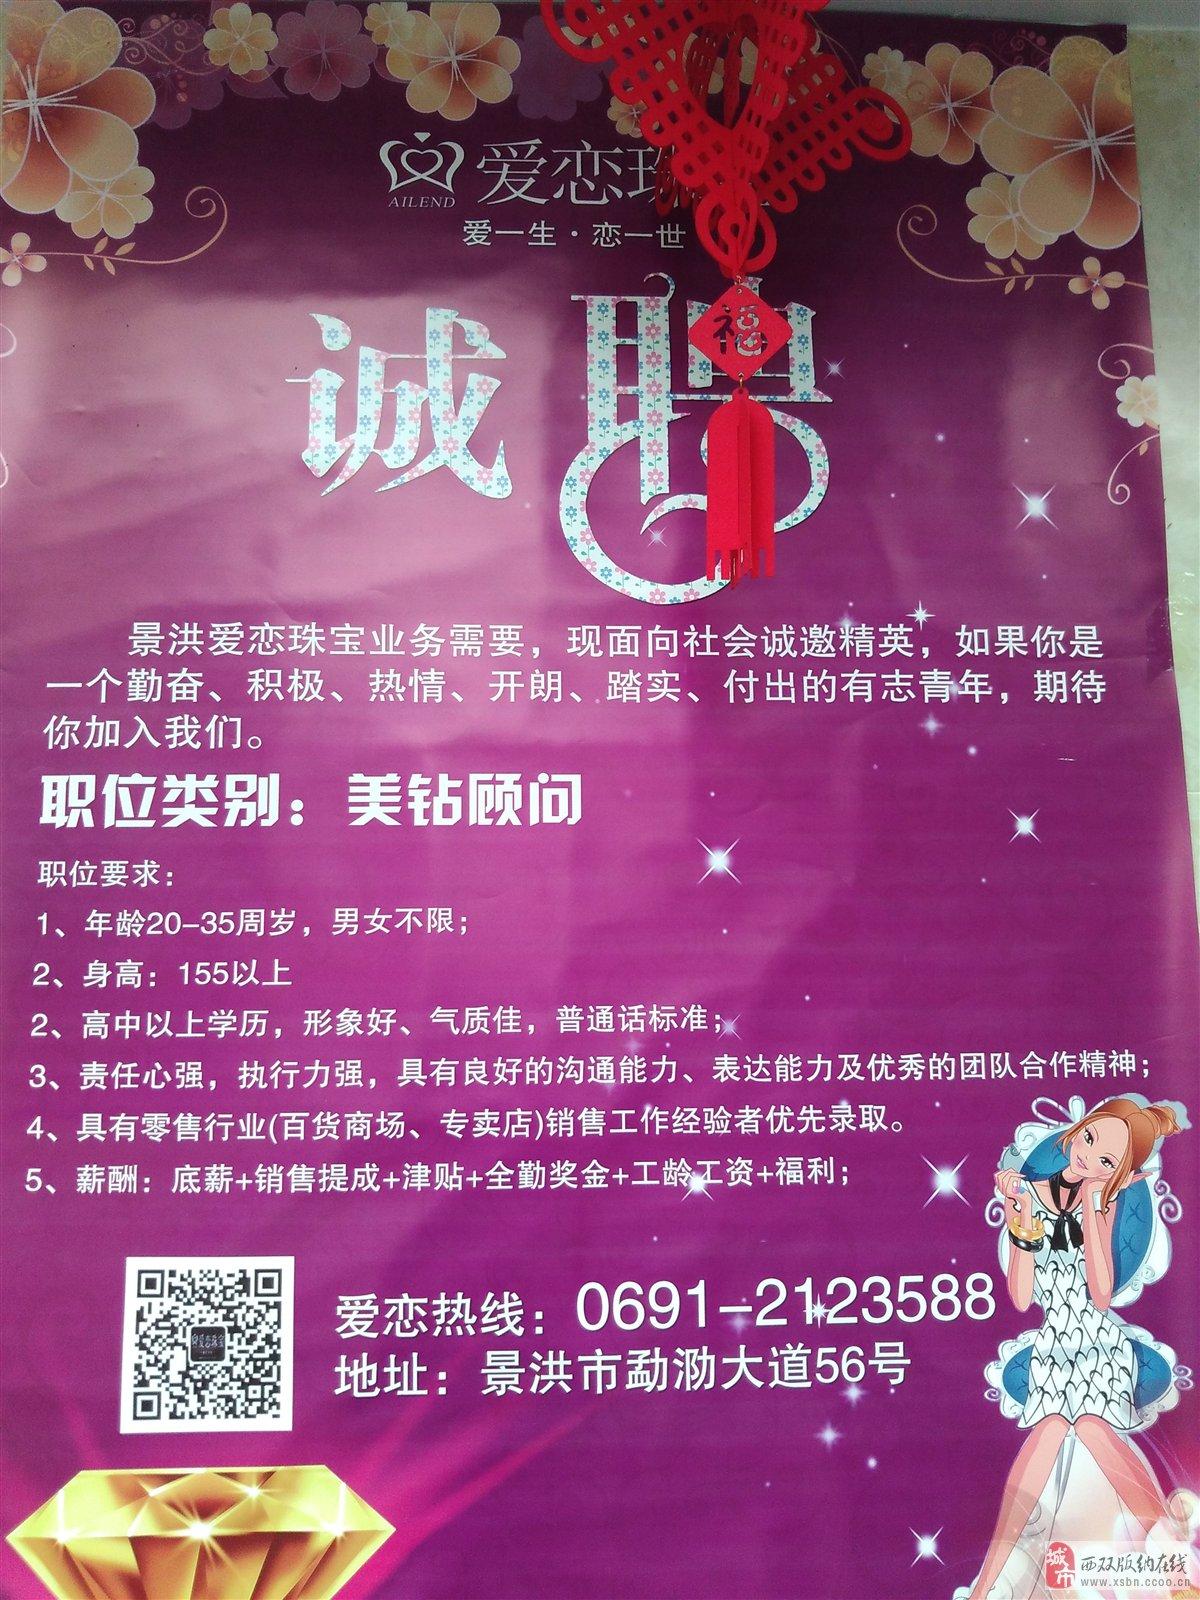 招聘求职首页 营业员/店员 >> 招聘信息  公司名称:景洪爱恋珠宝   公